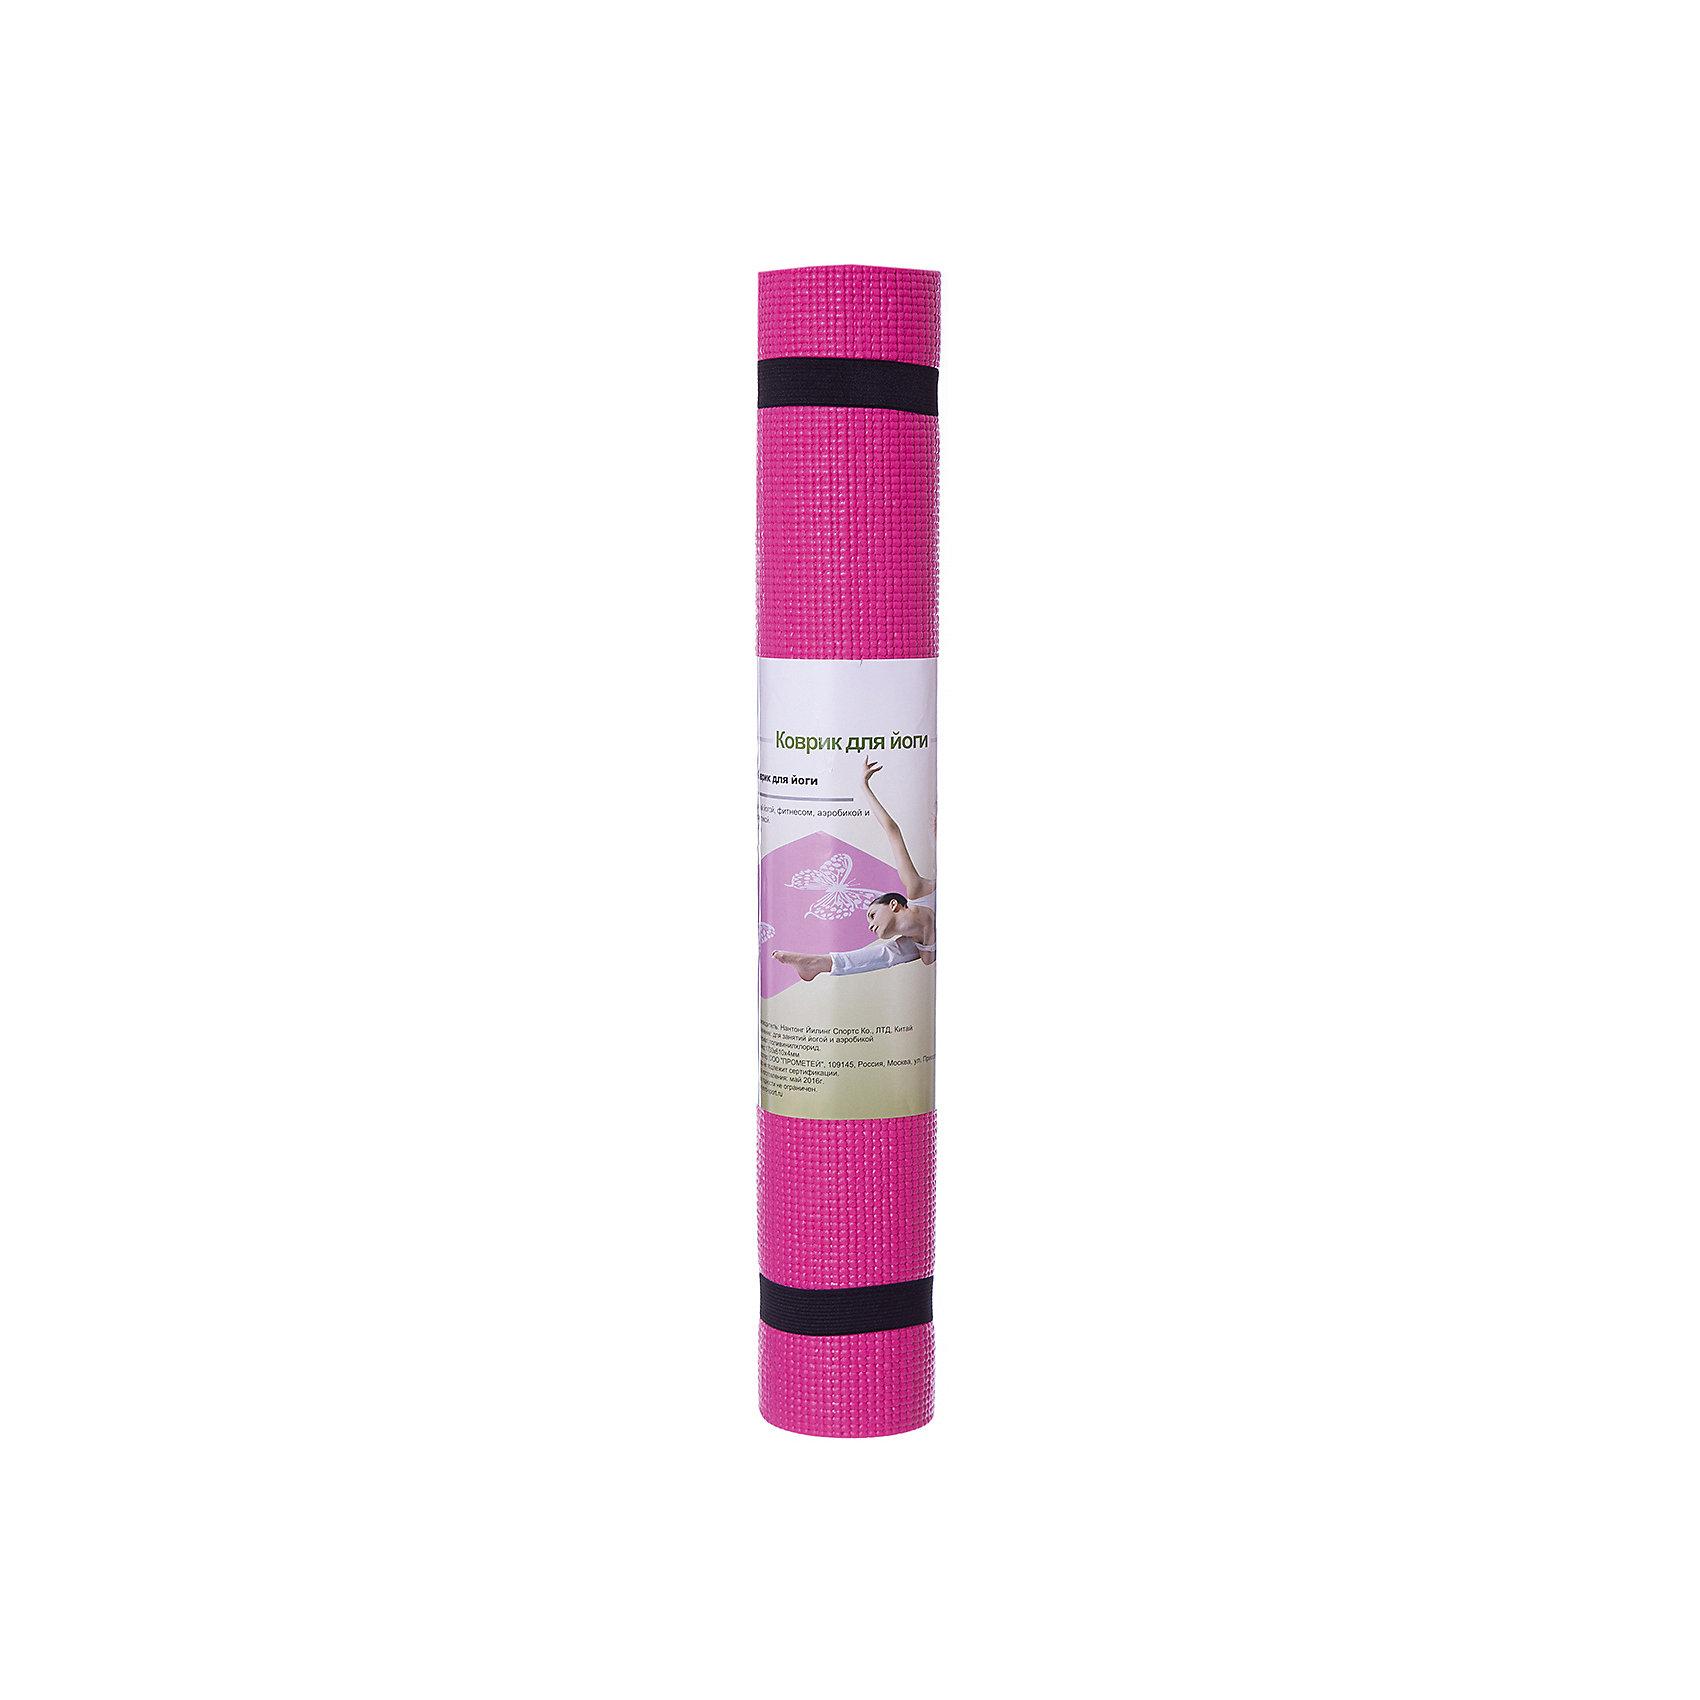 Коврик для йоги  ВВ8300, Z-Sports, розовыйСпортивные коврики<br>Основные характеристики<br><br>Материал: поливинилхлорид<br>Размер: 172х61х0,4см<br>Вес: 0,94кг<br>Цвета в ассортименте (розовый, фиолетовый, салатовый)<br>Вид применения: для занятий йогой, фитнесом, гимнастикой и аэробикой<br>Страна-производитель: Китай<br>Упаковка: термоусадочная пленка с цветным постером<br><br>Изделие изготовлено из современного материала, мягкого, но одновременно достаточно прочного, способного выдержать сильные механические нагрузки. Коврик без дополнительных приспособлений жестко фиксируется на самой гладкой поверхности, не скользит и приятен на ощупь. Его эстетические параметры вполне соответствуют современным требованиям - на поверхности имеются рисунки. Применяется для занятий йогой, фитнесом и аэробикой как в домашних условиях, так и в спортзалах. <br><br>Преимущества коврика BB8300:<br>- противоскользящая поверхность;<br>- оптимальный размер и вес;<br>- приятный современный дизайн и расцветка;<br>- его легко мыть и хранить, скатав в рулон.<br><br>Ширина мм: 100<br>Глубина мм: 100<br>Высота мм: 610<br>Вес г: 1000<br>Возраст от месяцев: 36<br>Возраст до месяцев: 192<br>Пол: Унисекс<br>Возраст: Детский<br>SKU: 5512947